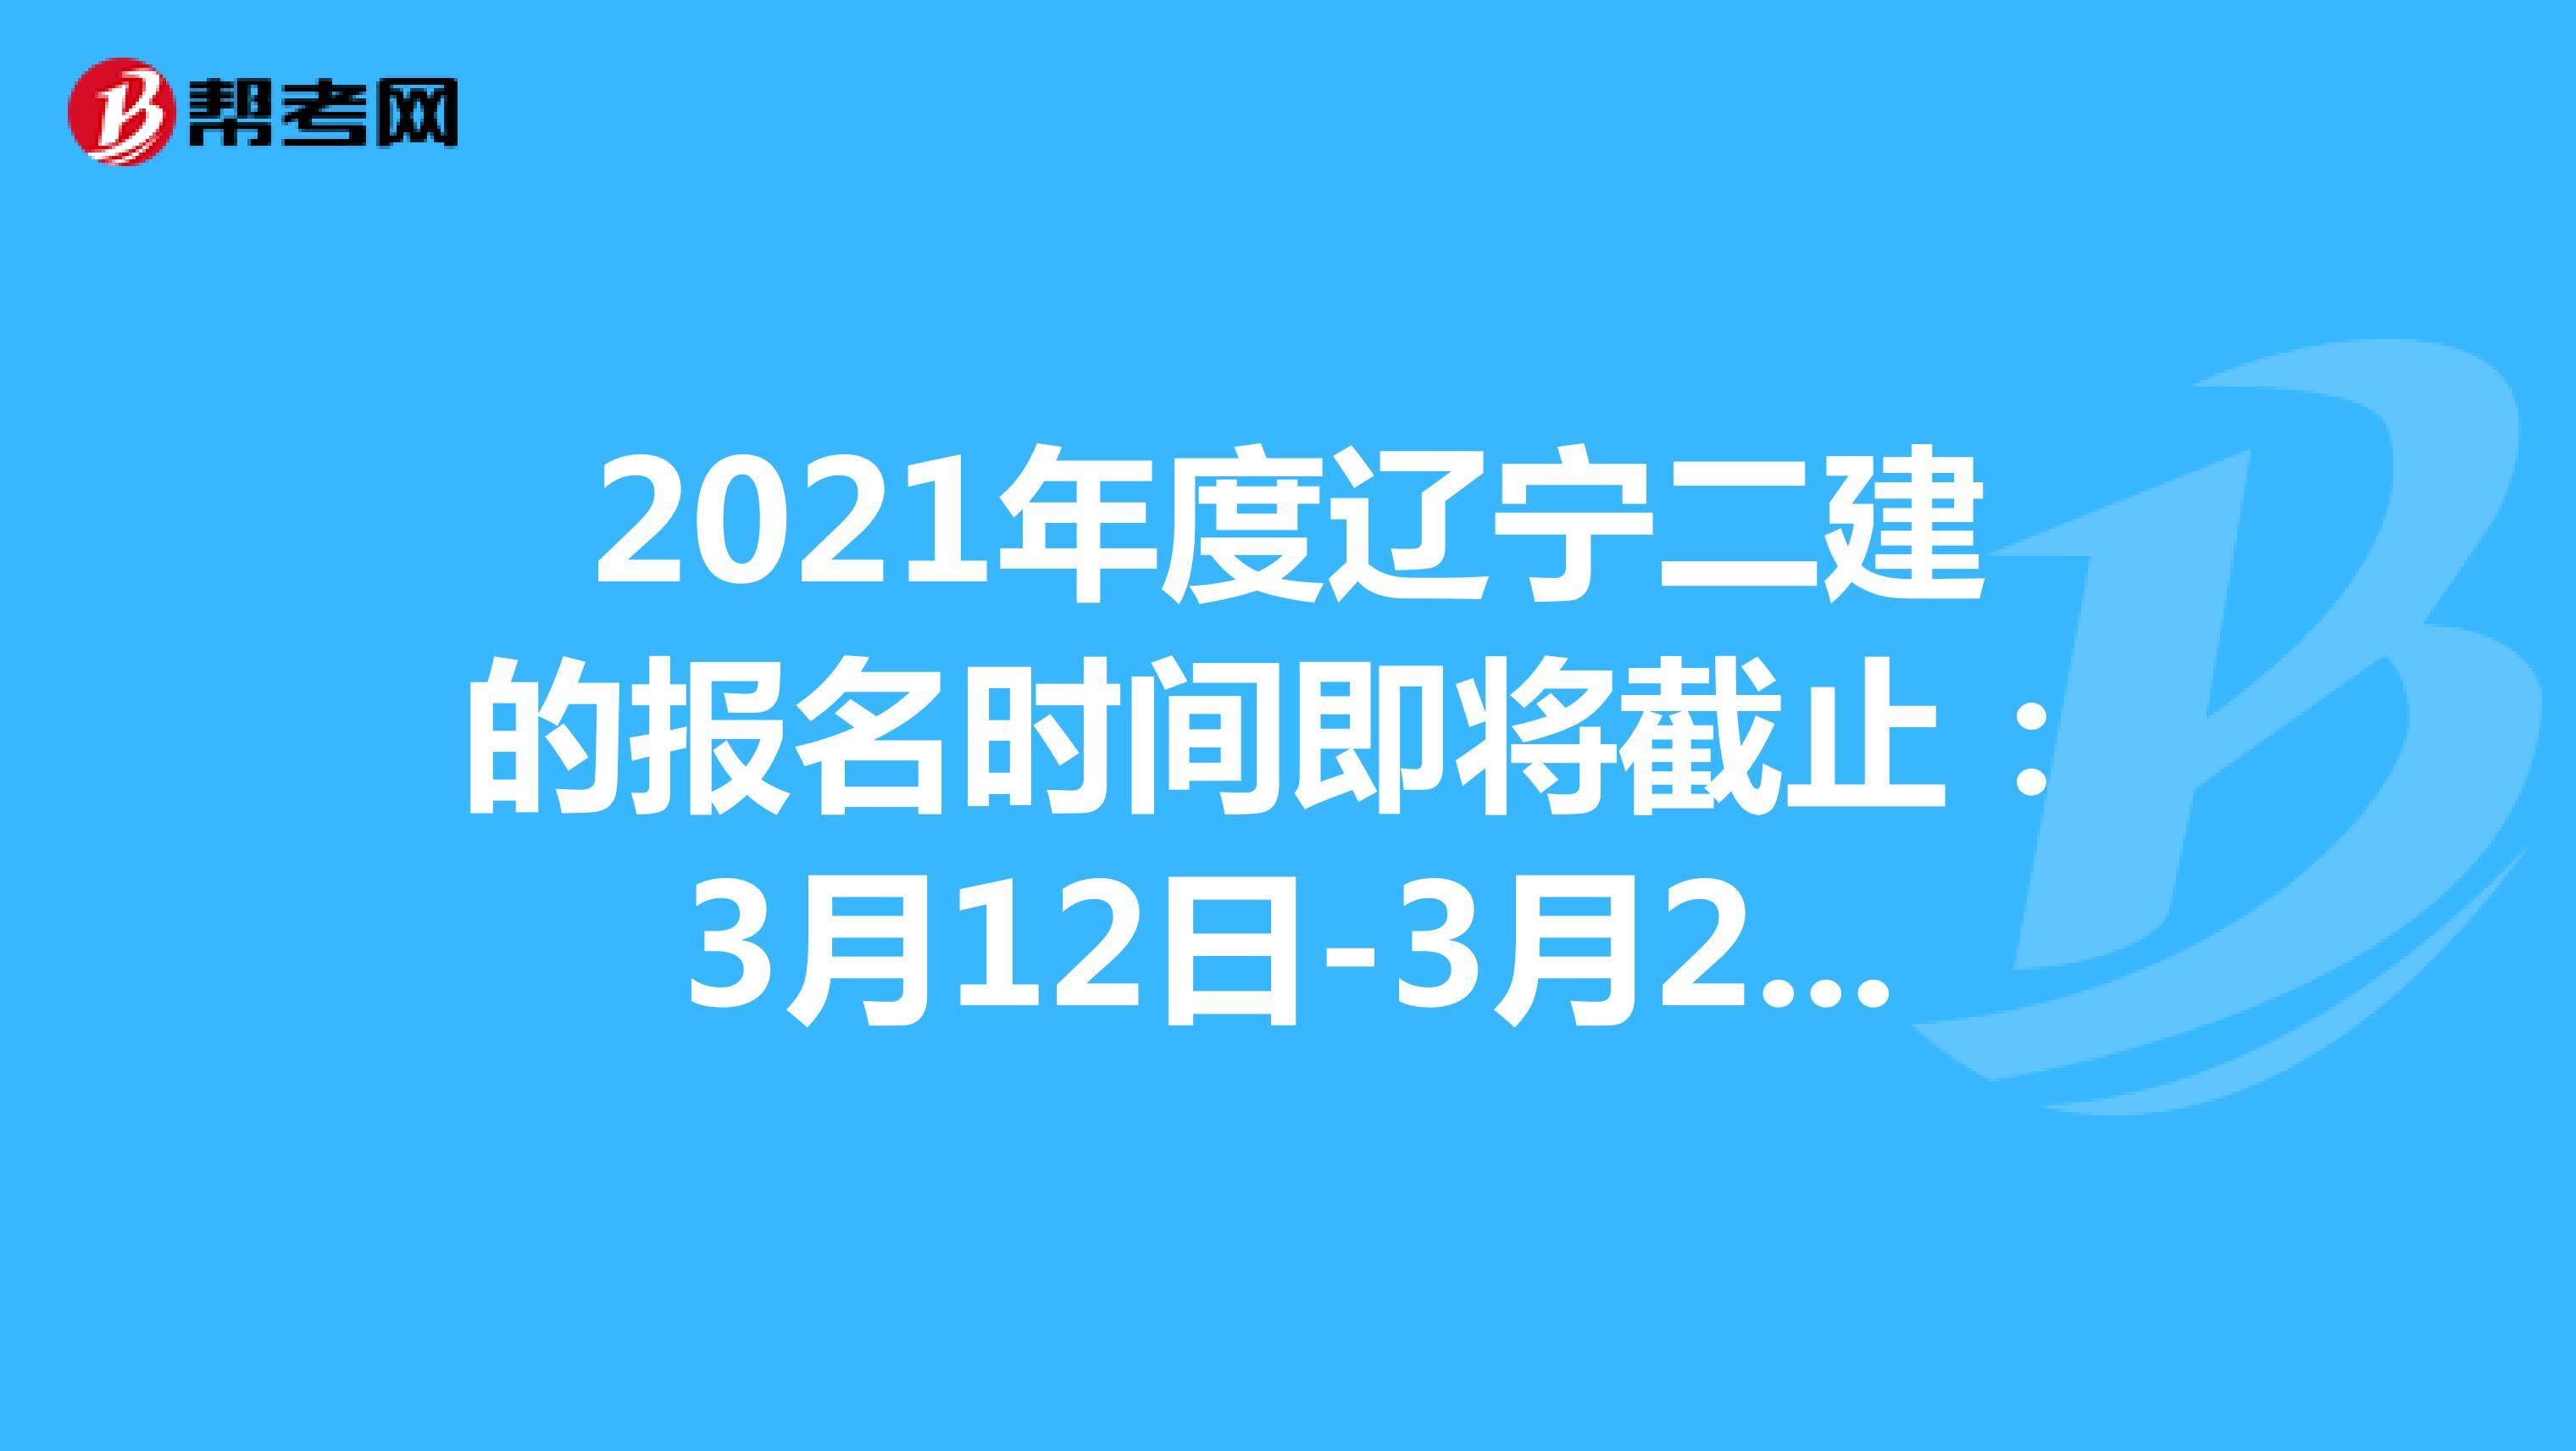 2021年度辽宁二建的报名时间即将截止:3月12日-3月23日